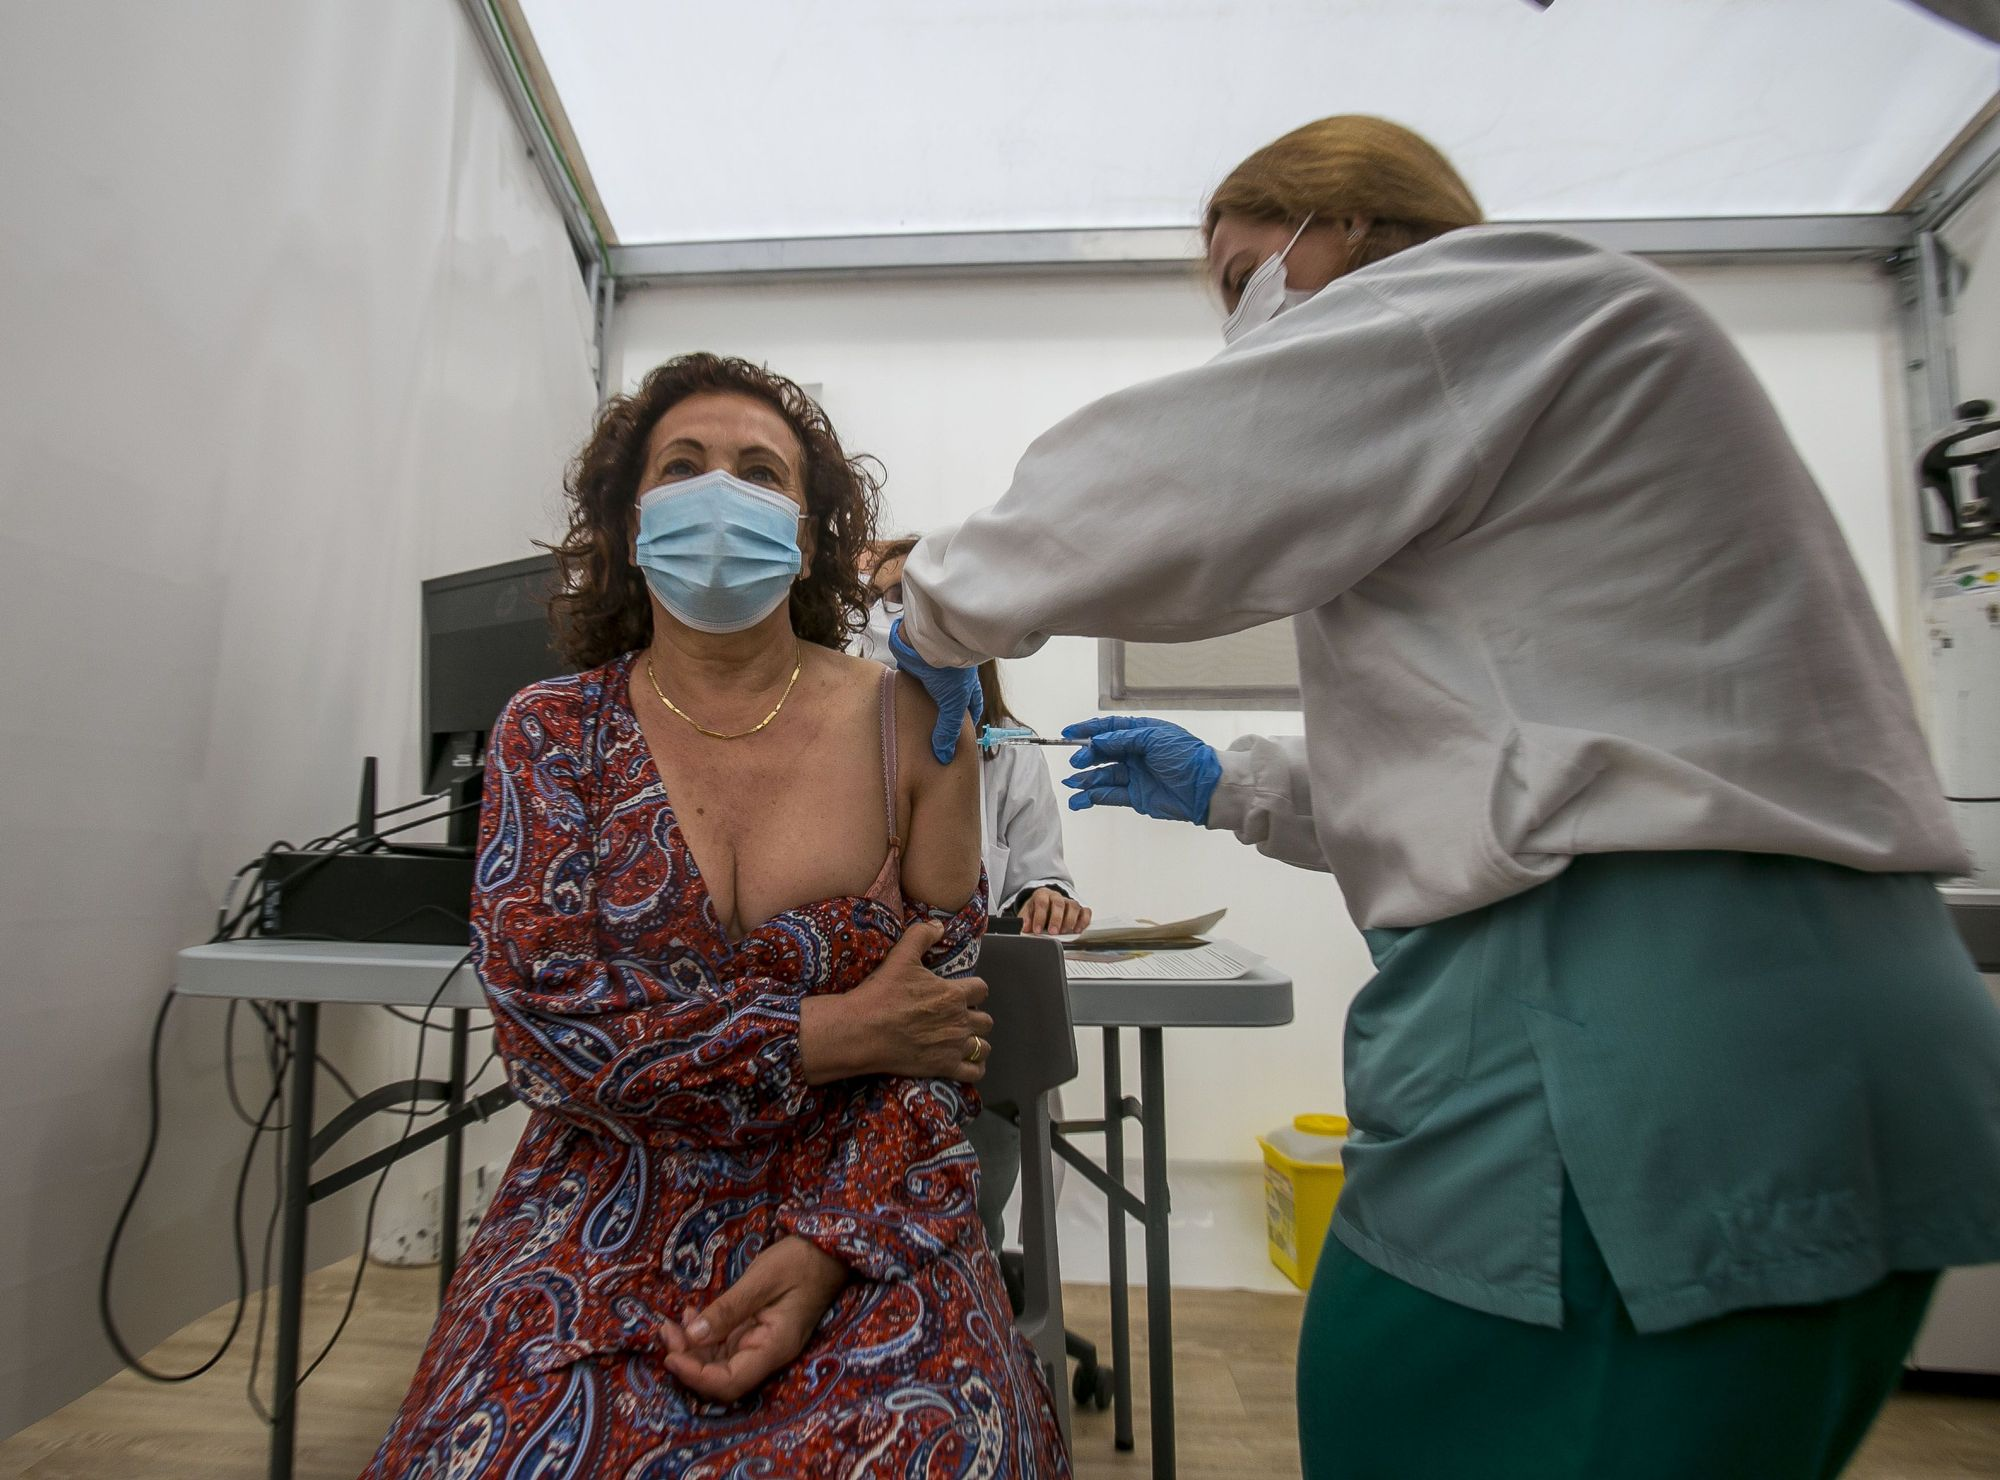 Comienza la vacunación masiva en el hospital de campaña de Alicante